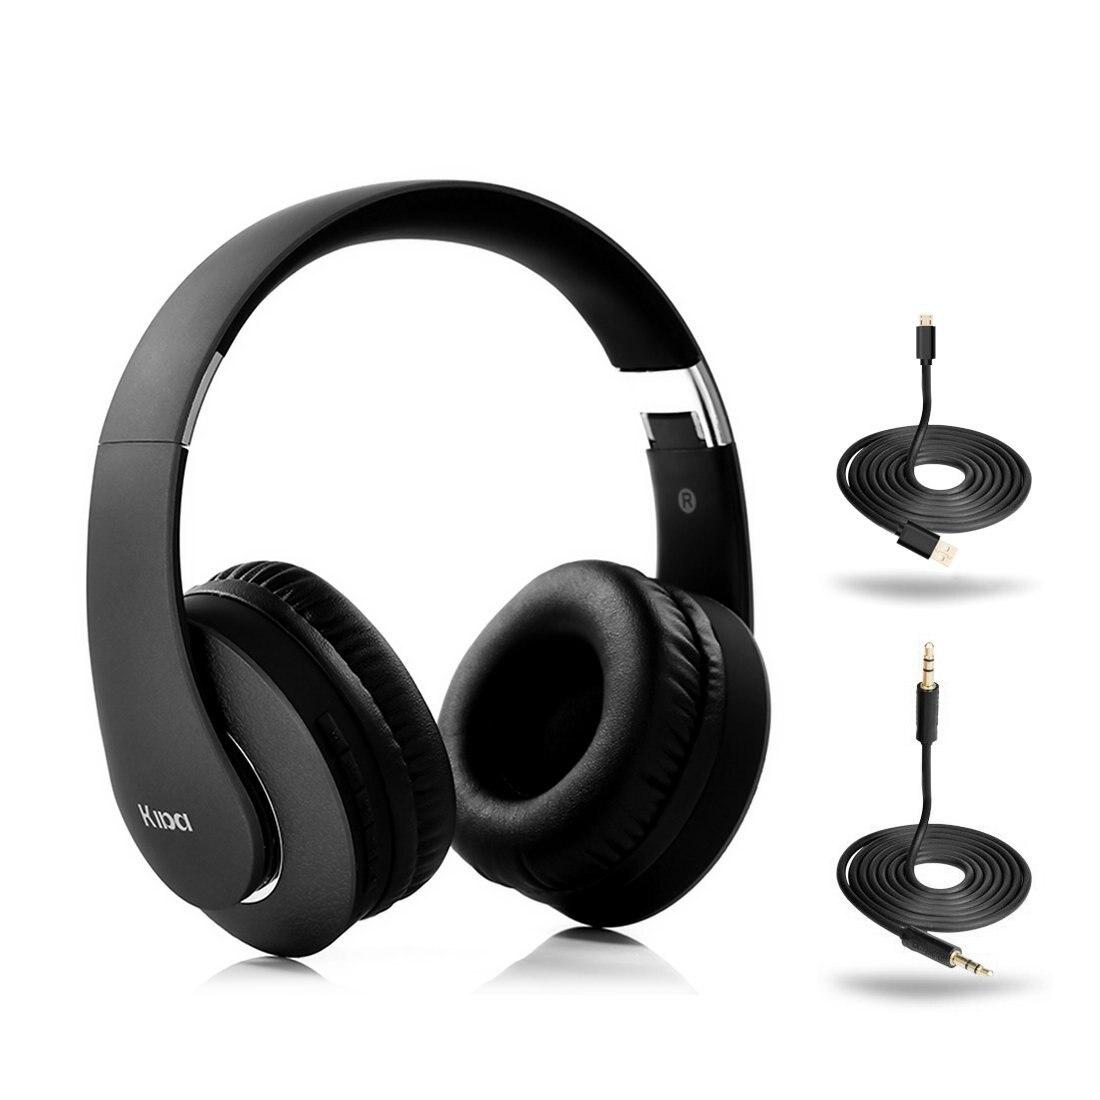 Проводные Беспроводные стереонаушники Bluetooth, fm радио, mp3 плеер, сотовые телефоны, ПК, планшеты, ТВ, встроенный микрофон, TF 3,5 мм|Наушники и гарнитуры|   | АлиЭкспресс